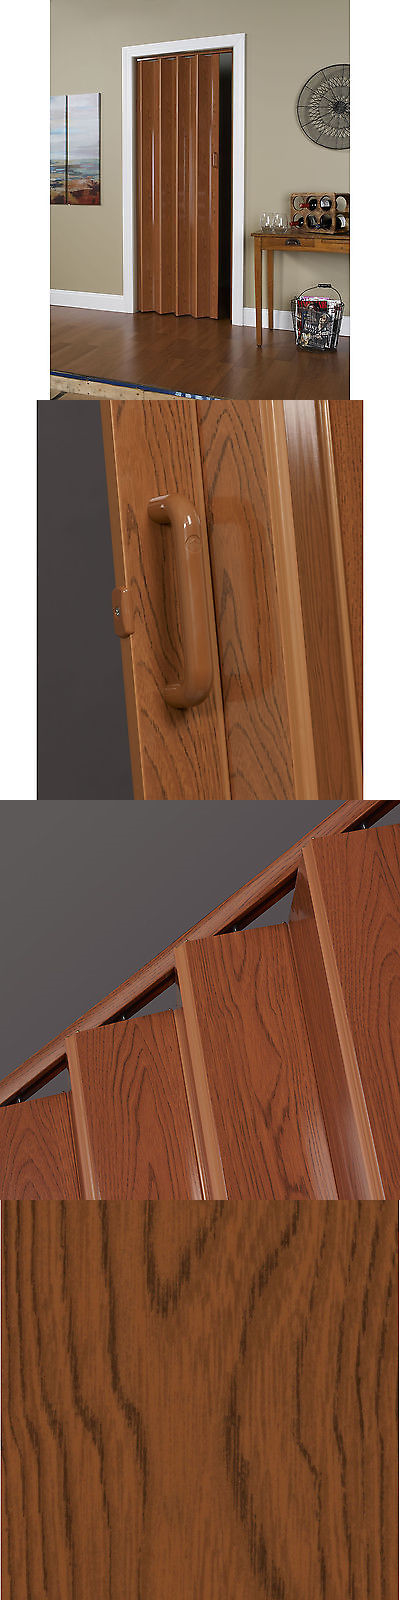 Doors 85892: 48 Inch X 80 Inch Folding Door In Pecan Brown -> BUY IT ...